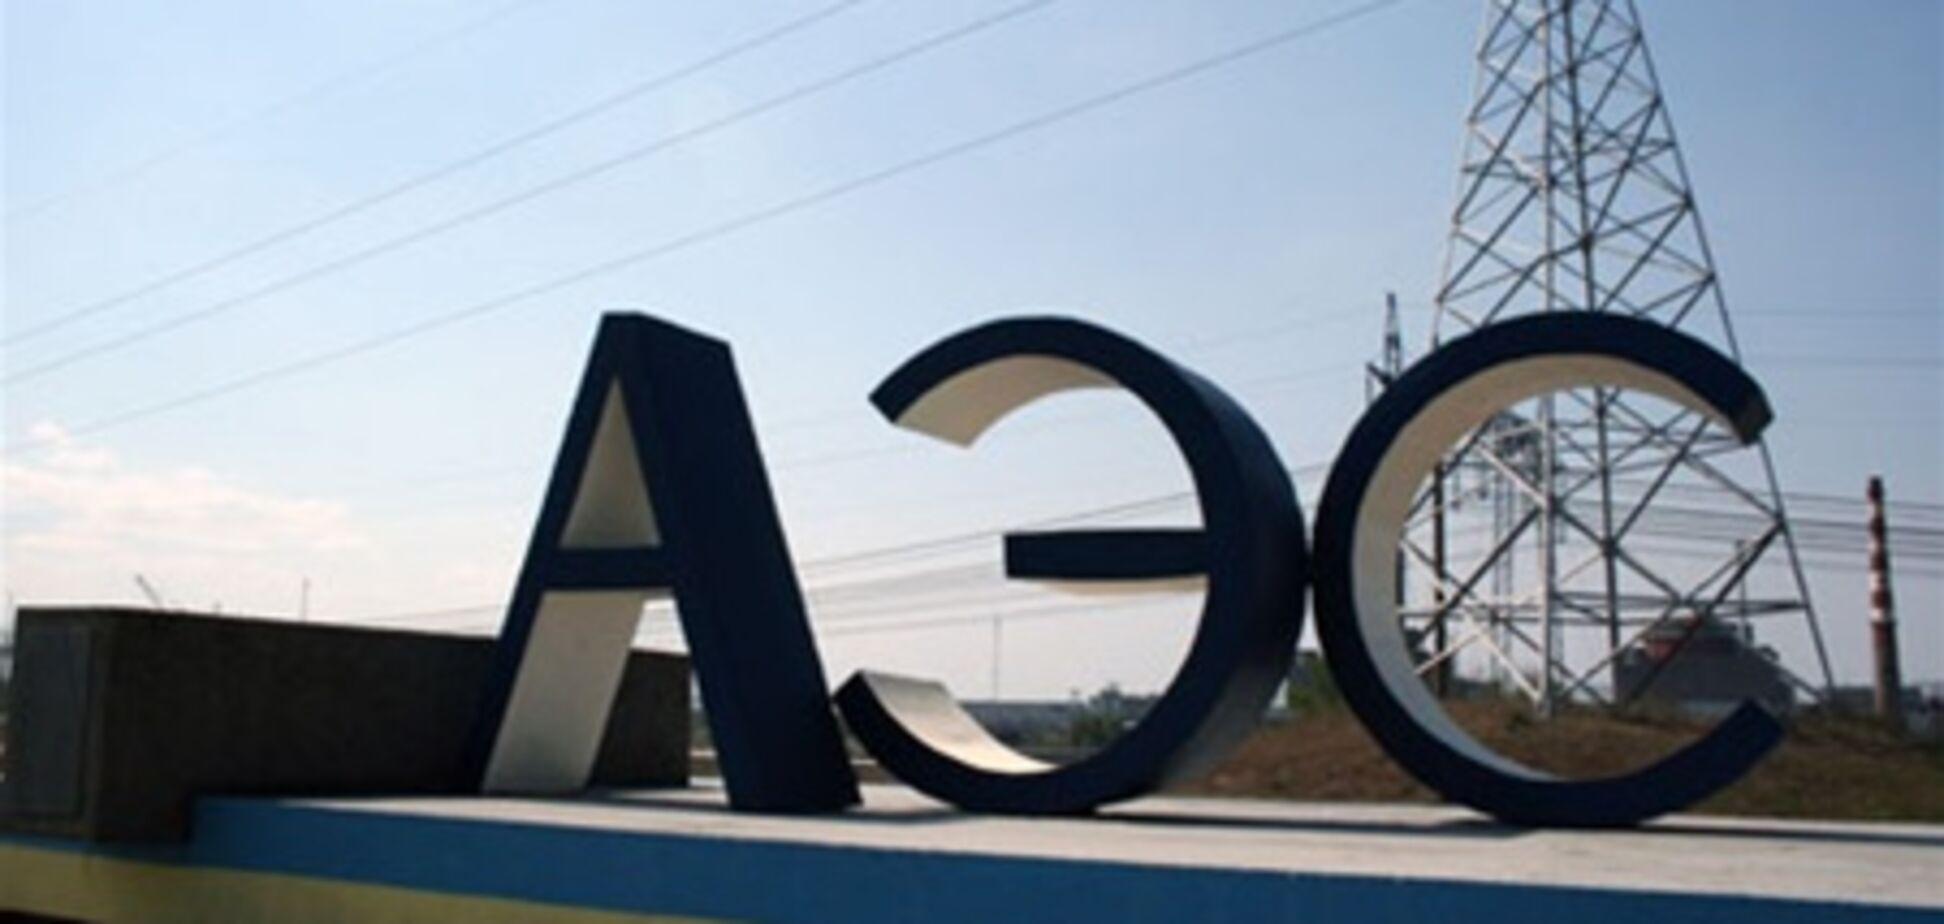 Експерт: Україні загрожують сховища ядерного палива